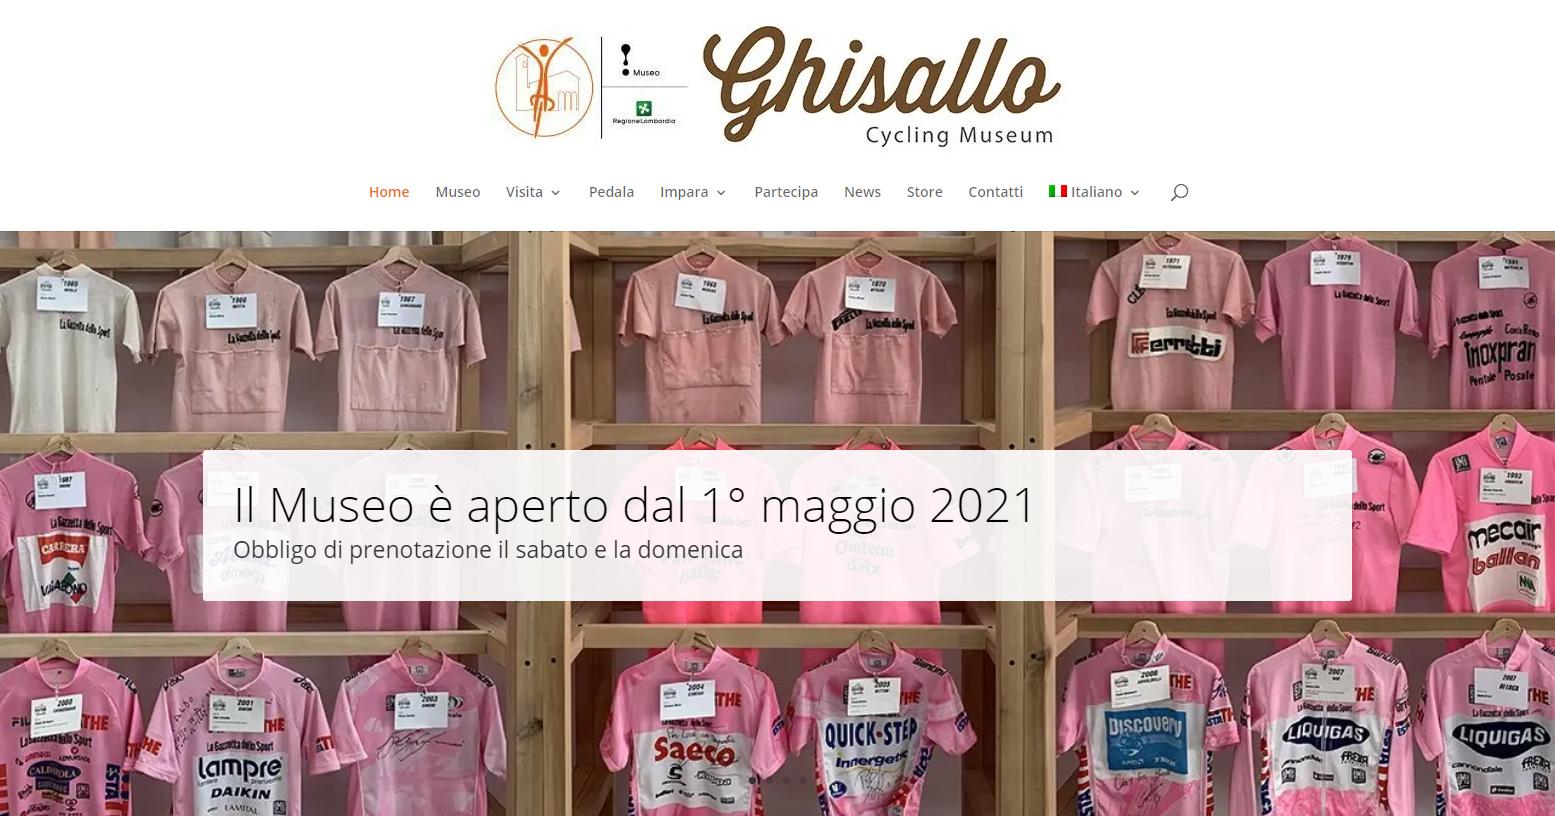 自転車ミュージアムウェブサイトのスクリーンショット